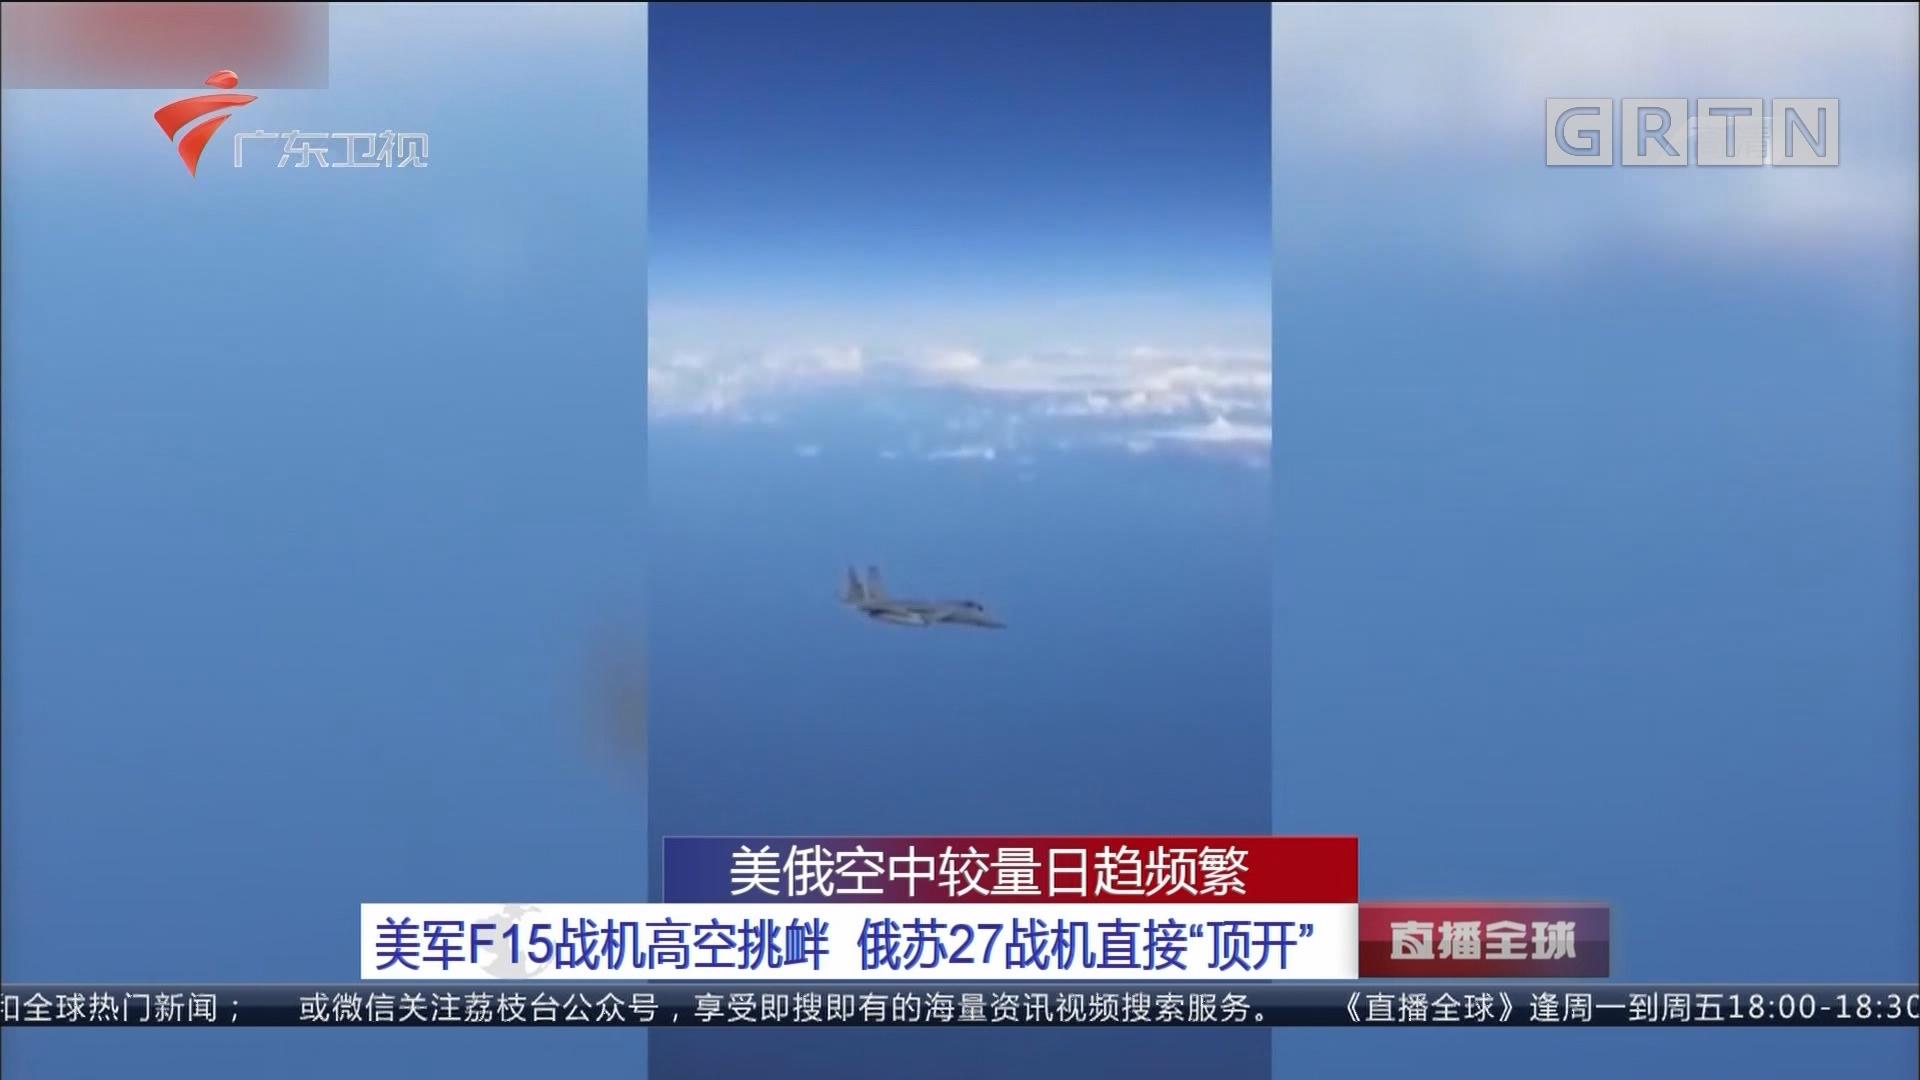 """美俄空中较量日趋频繁:美军F15战机高空挑衅 俄苏27战机直接""""顶开"""""""